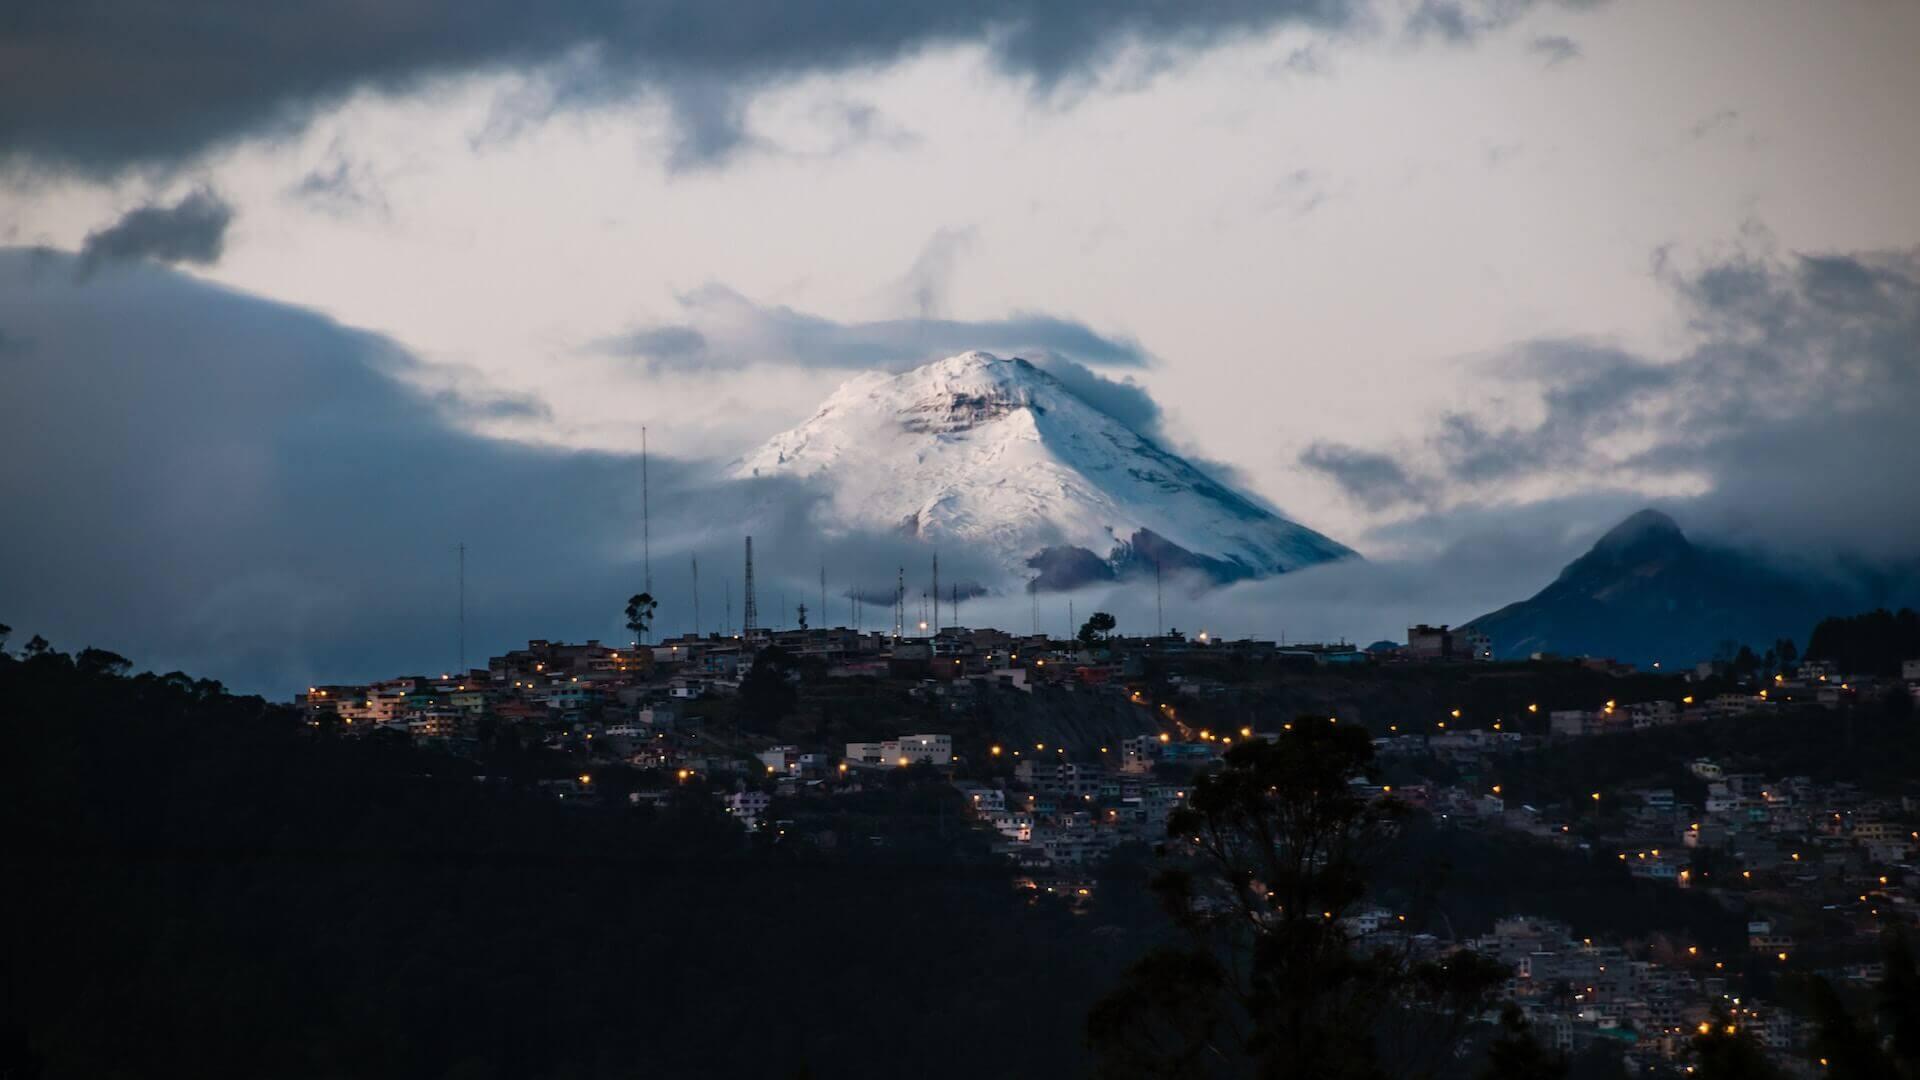 De Pichincha vulkaan ten noorden van Quito